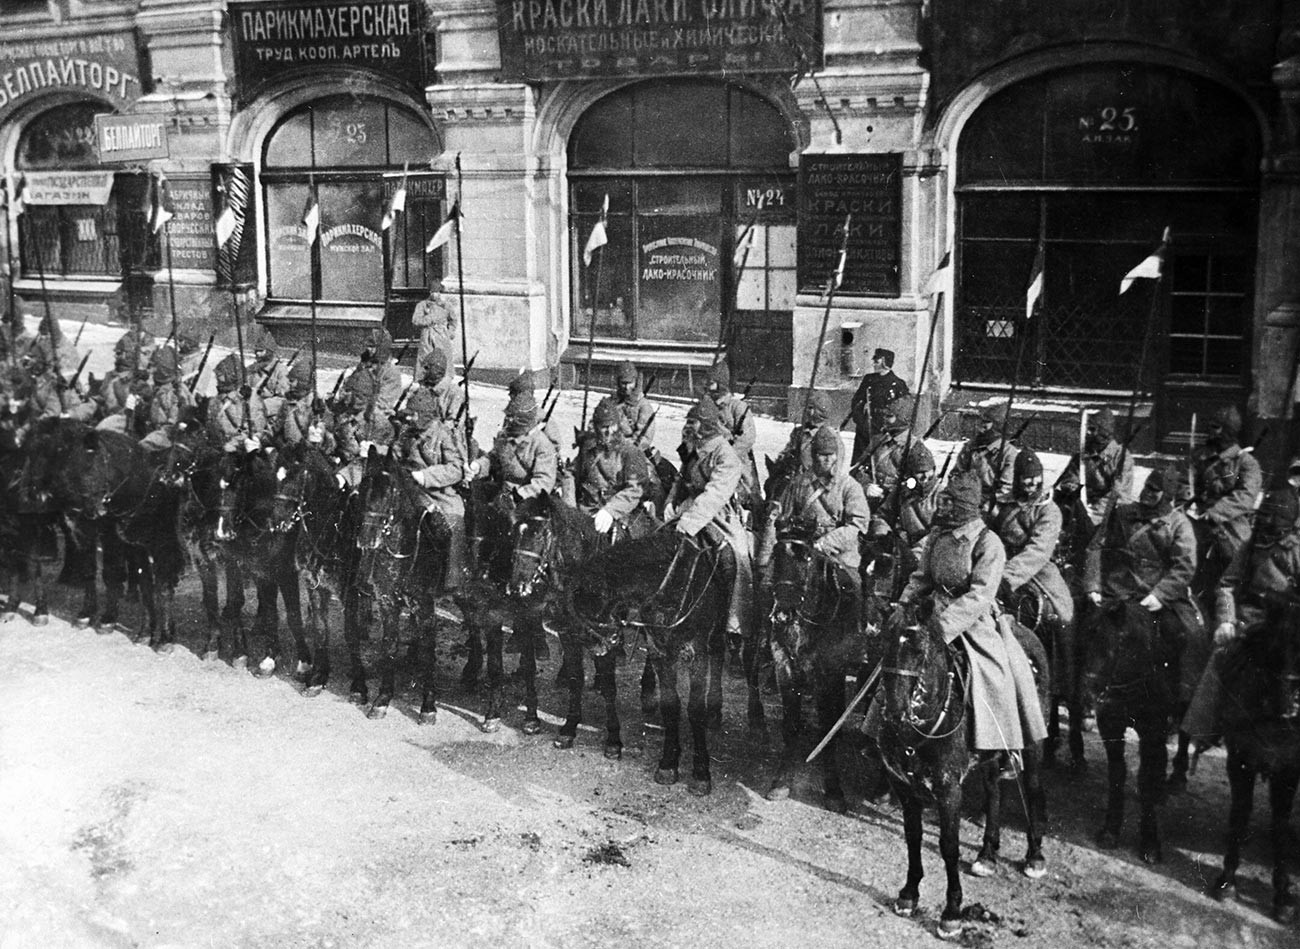 Première armée de cavalerie lors d'un défilé sur la place Rouge